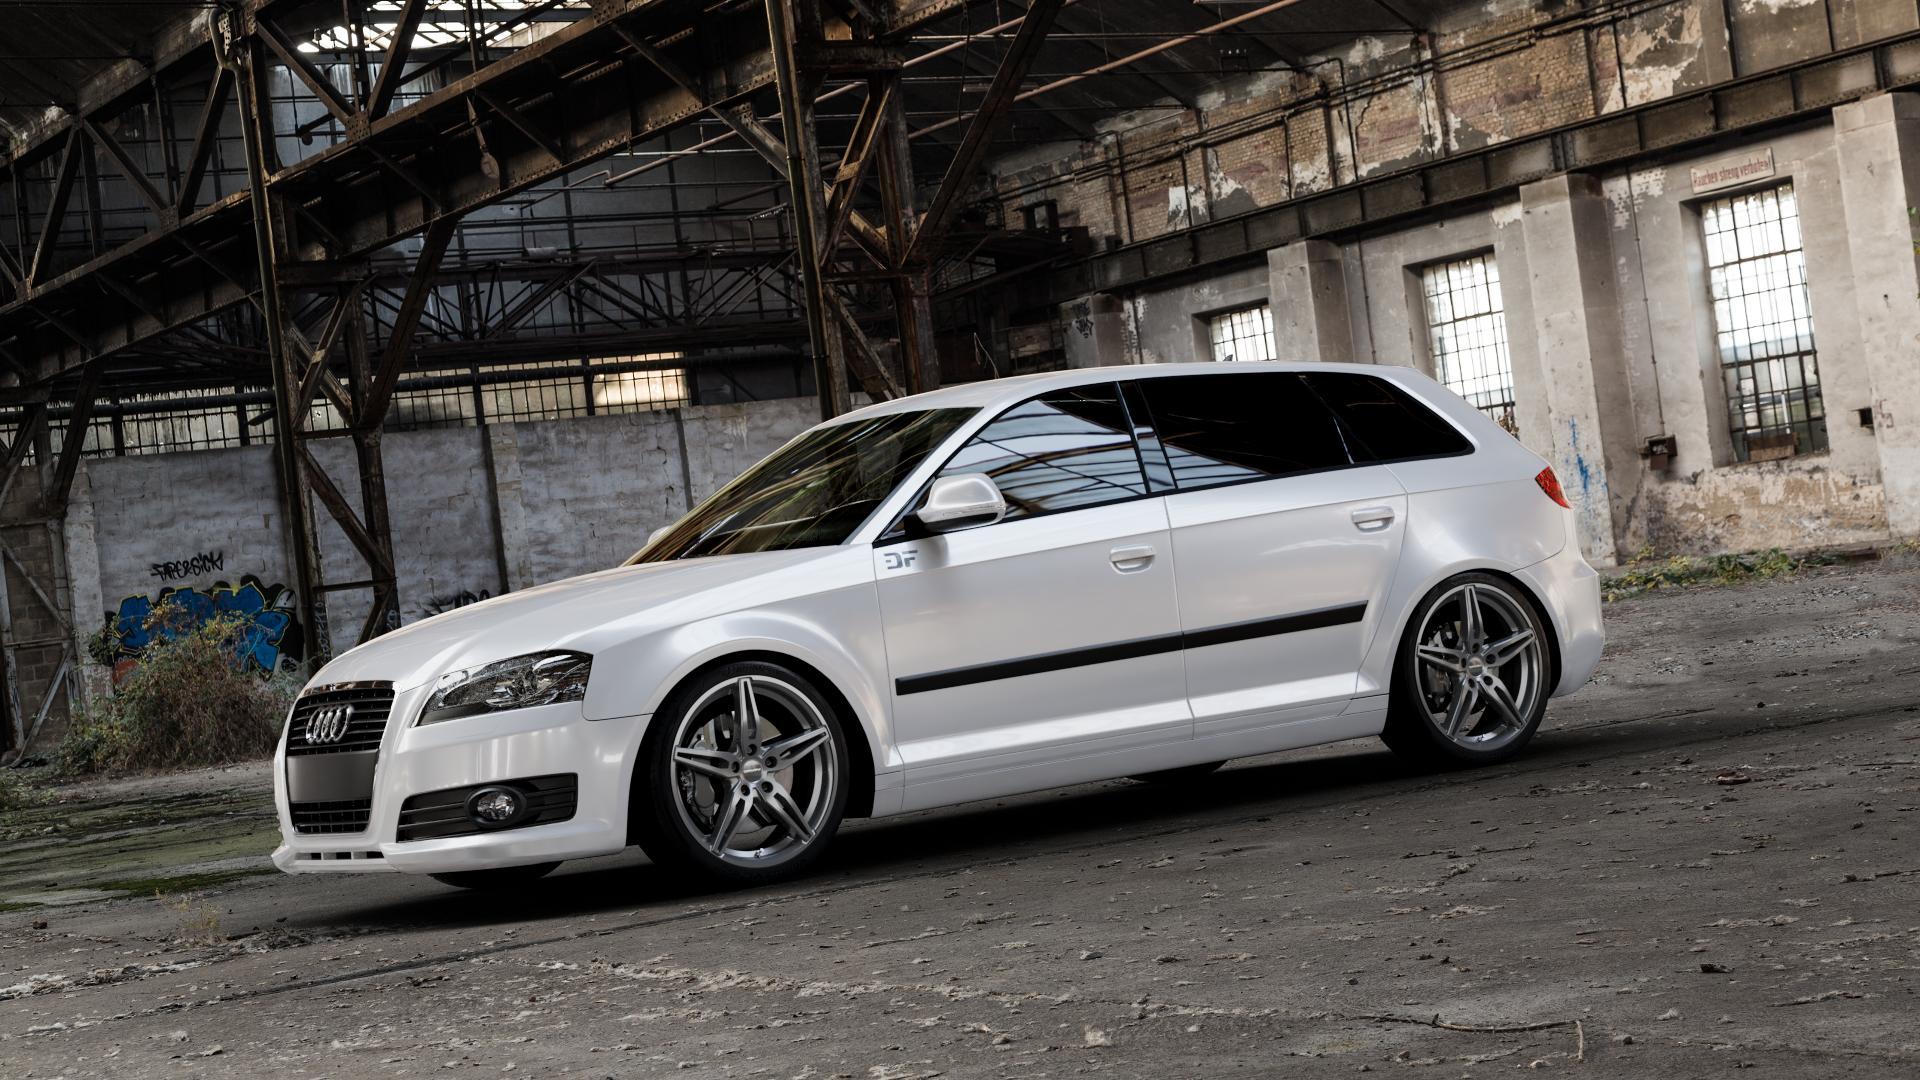 CARMANI 15 Oskar hyper gun Felge mit Reifen silber in 18Zoll Winterfelge Alufelge auf weissem Audi A3 Typ 8P (Sportback) 1,6l 75kW (102 PS) 2,0l FSI 110kW (150 1,9l TDI 77kW (105 103kW (140 TFSI 147kW (200 85kW (116 100kW (136 1,8l 118kW (160 125kW (170 1,4l 92kW (125 120kW (163 quattro 3,2l V6 184kW (250 S3 195kW (265 1,2l 66kW (90 18